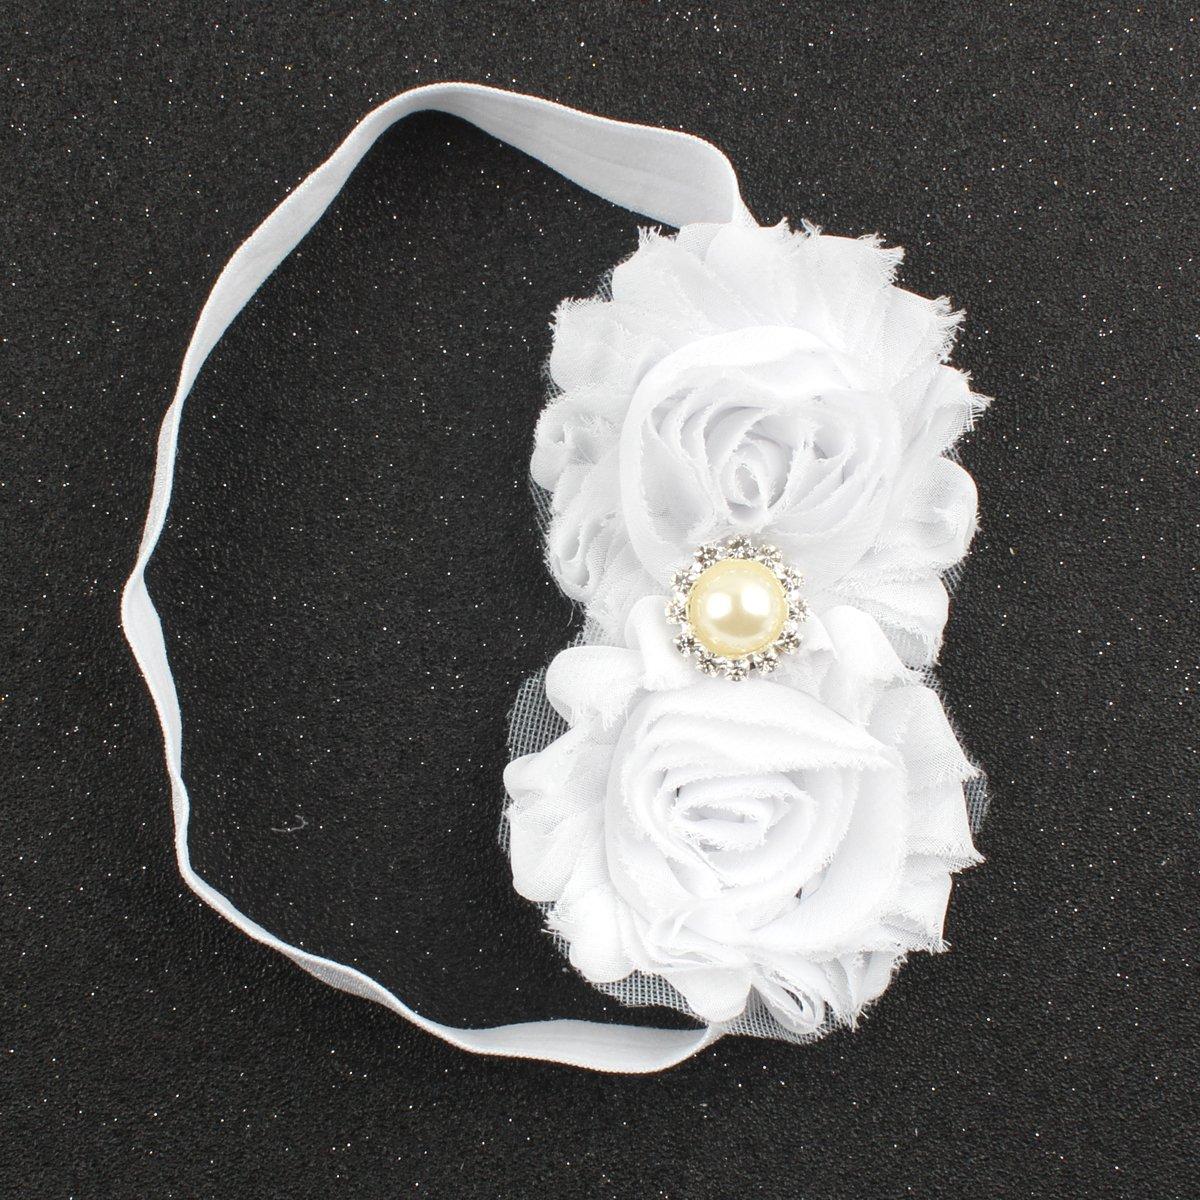 marfil Venda de nylon del beb/é dise/ño el/ástico suave del dise/ño de 3 venda floral del pelo